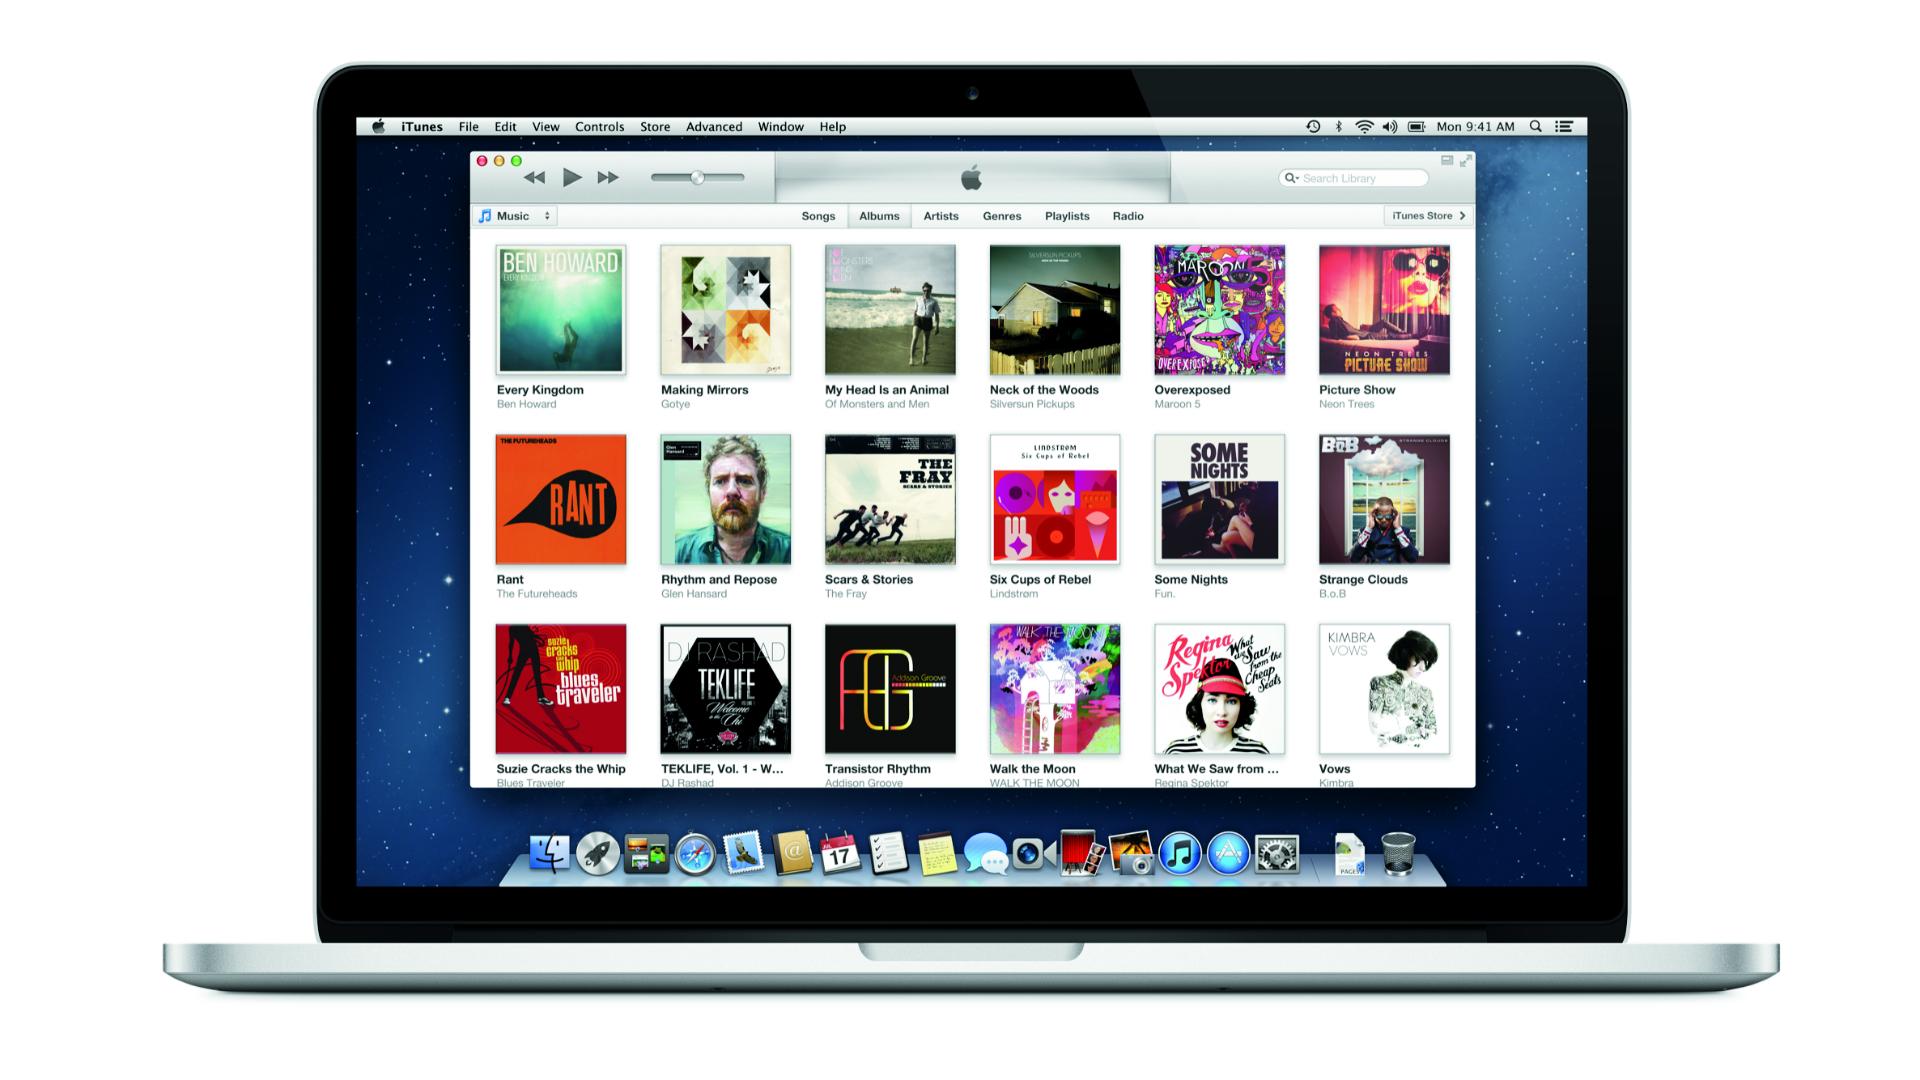 La Comisión Europea encuentra que la piratería no daña las ventas de música digital